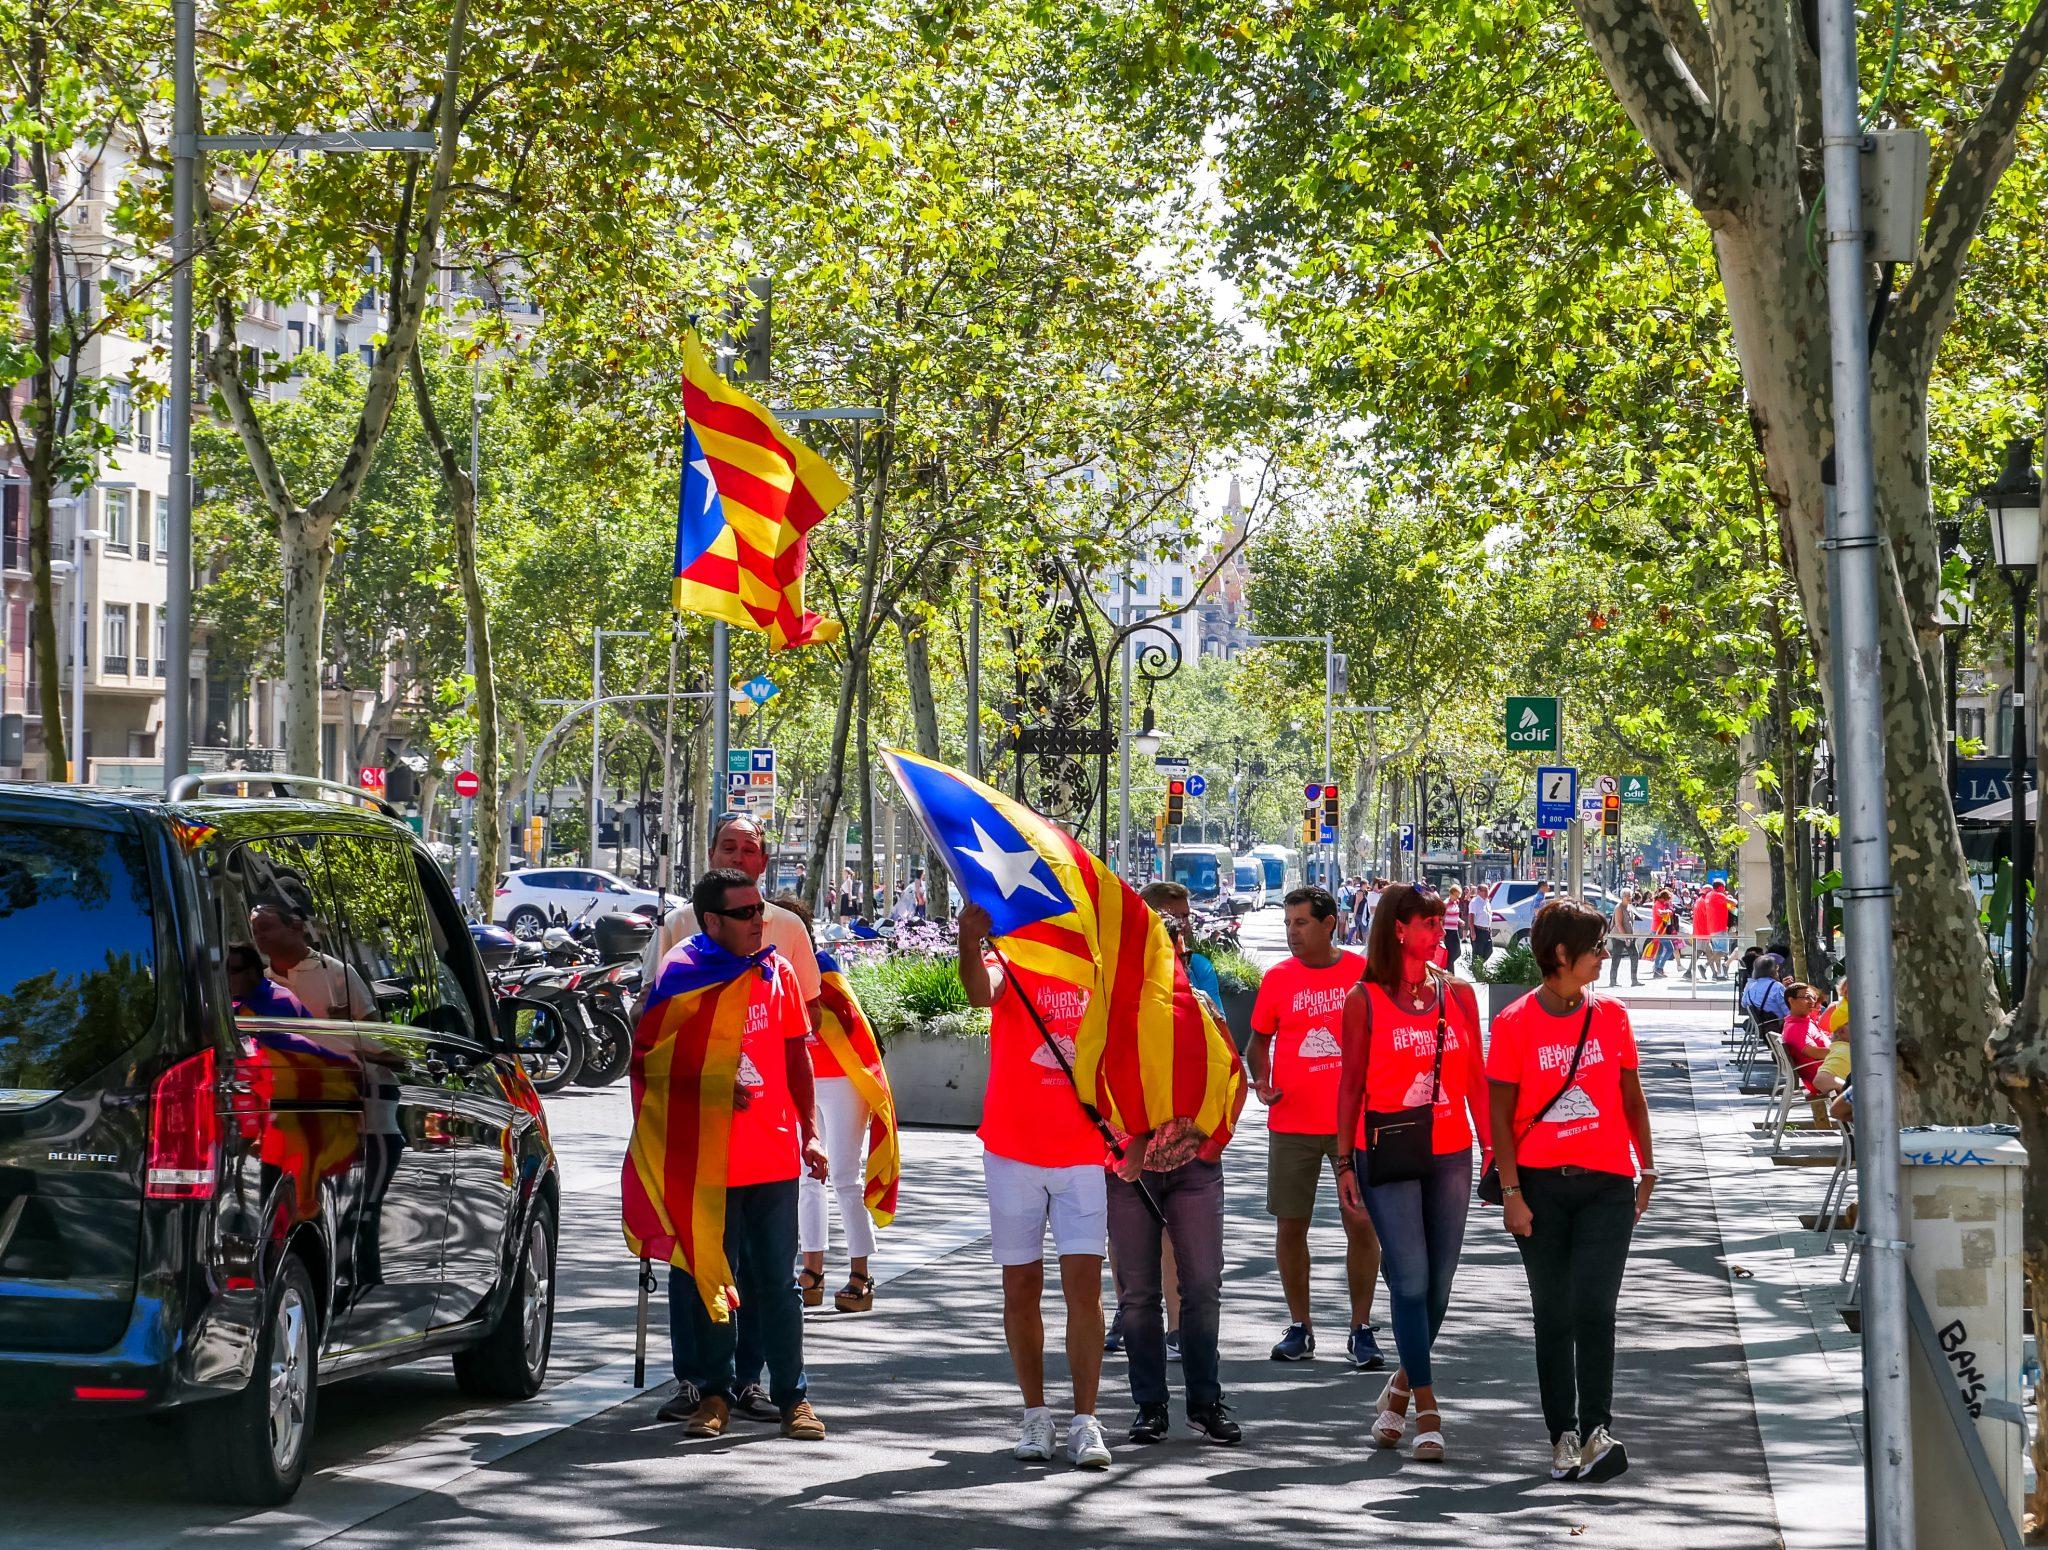 """Den ganzen Feiertag """"Diada Nacional de Cataluñya"""" über kannst du Menschen beobachten, welche die Katalanische(n) Flaggen tragen."""